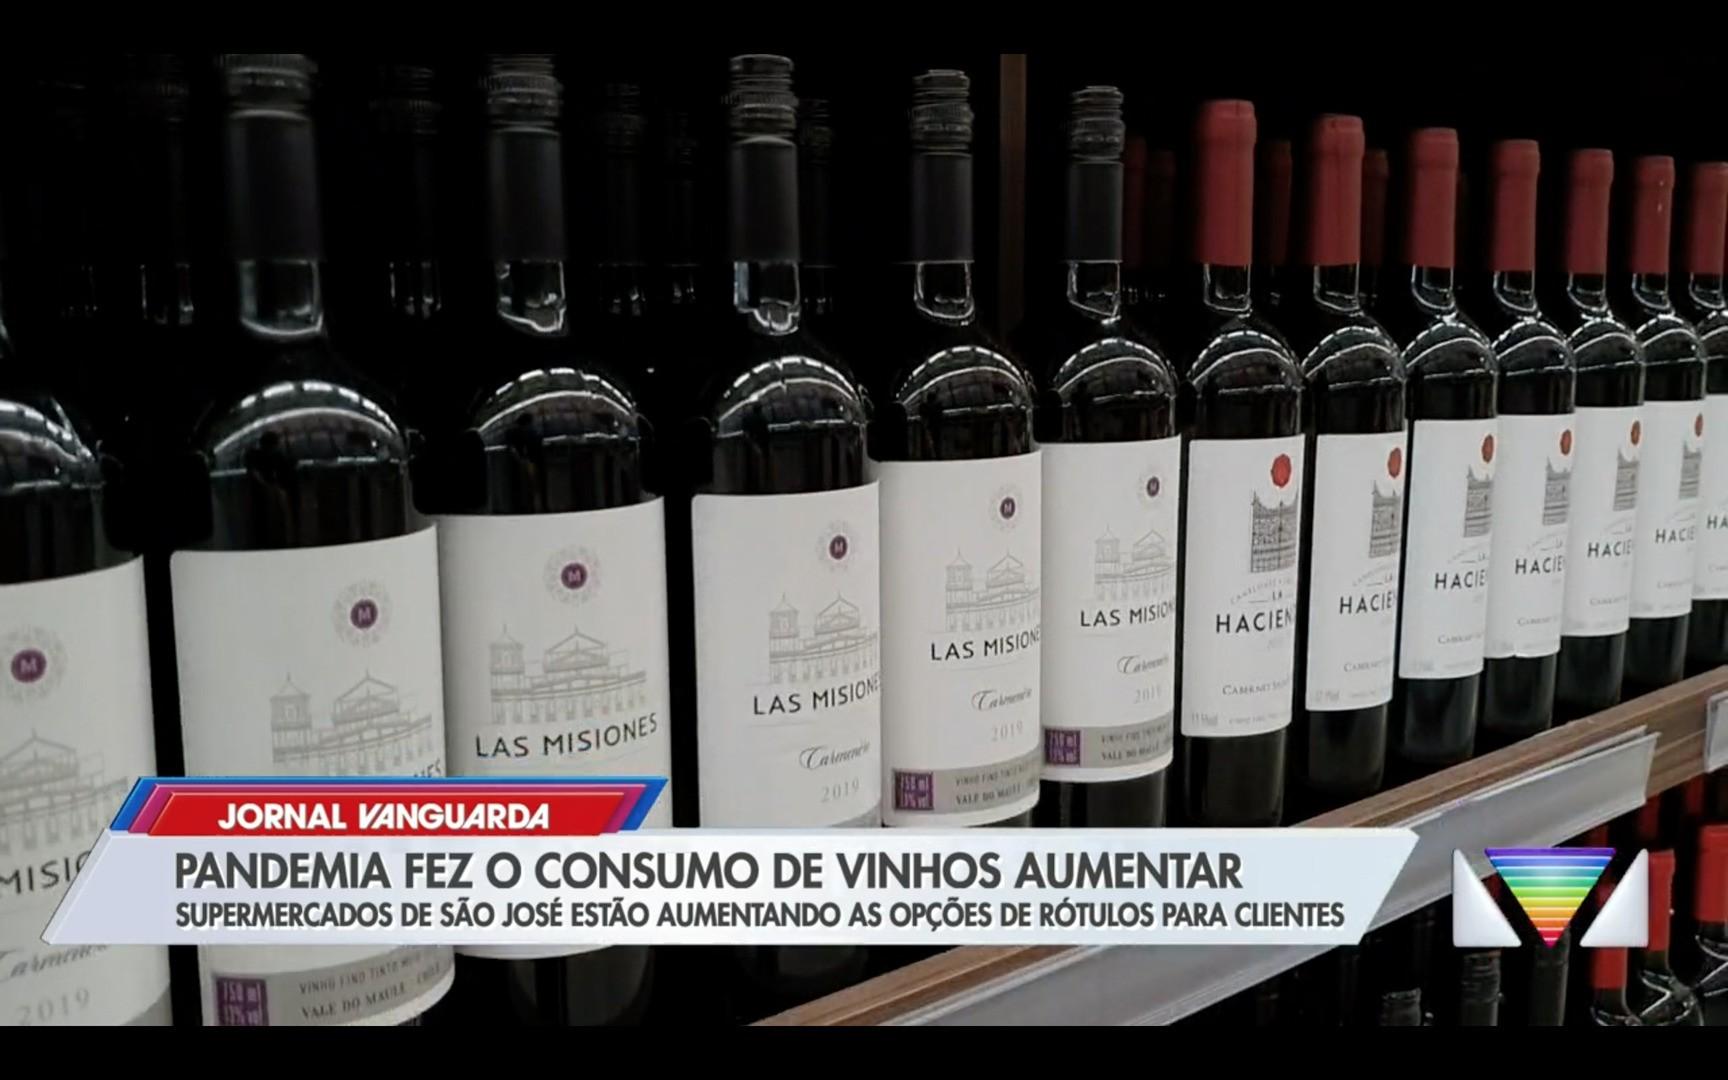 VÍDEOS: Jornal Vanguarda de terça-feira, 26 de janeiro